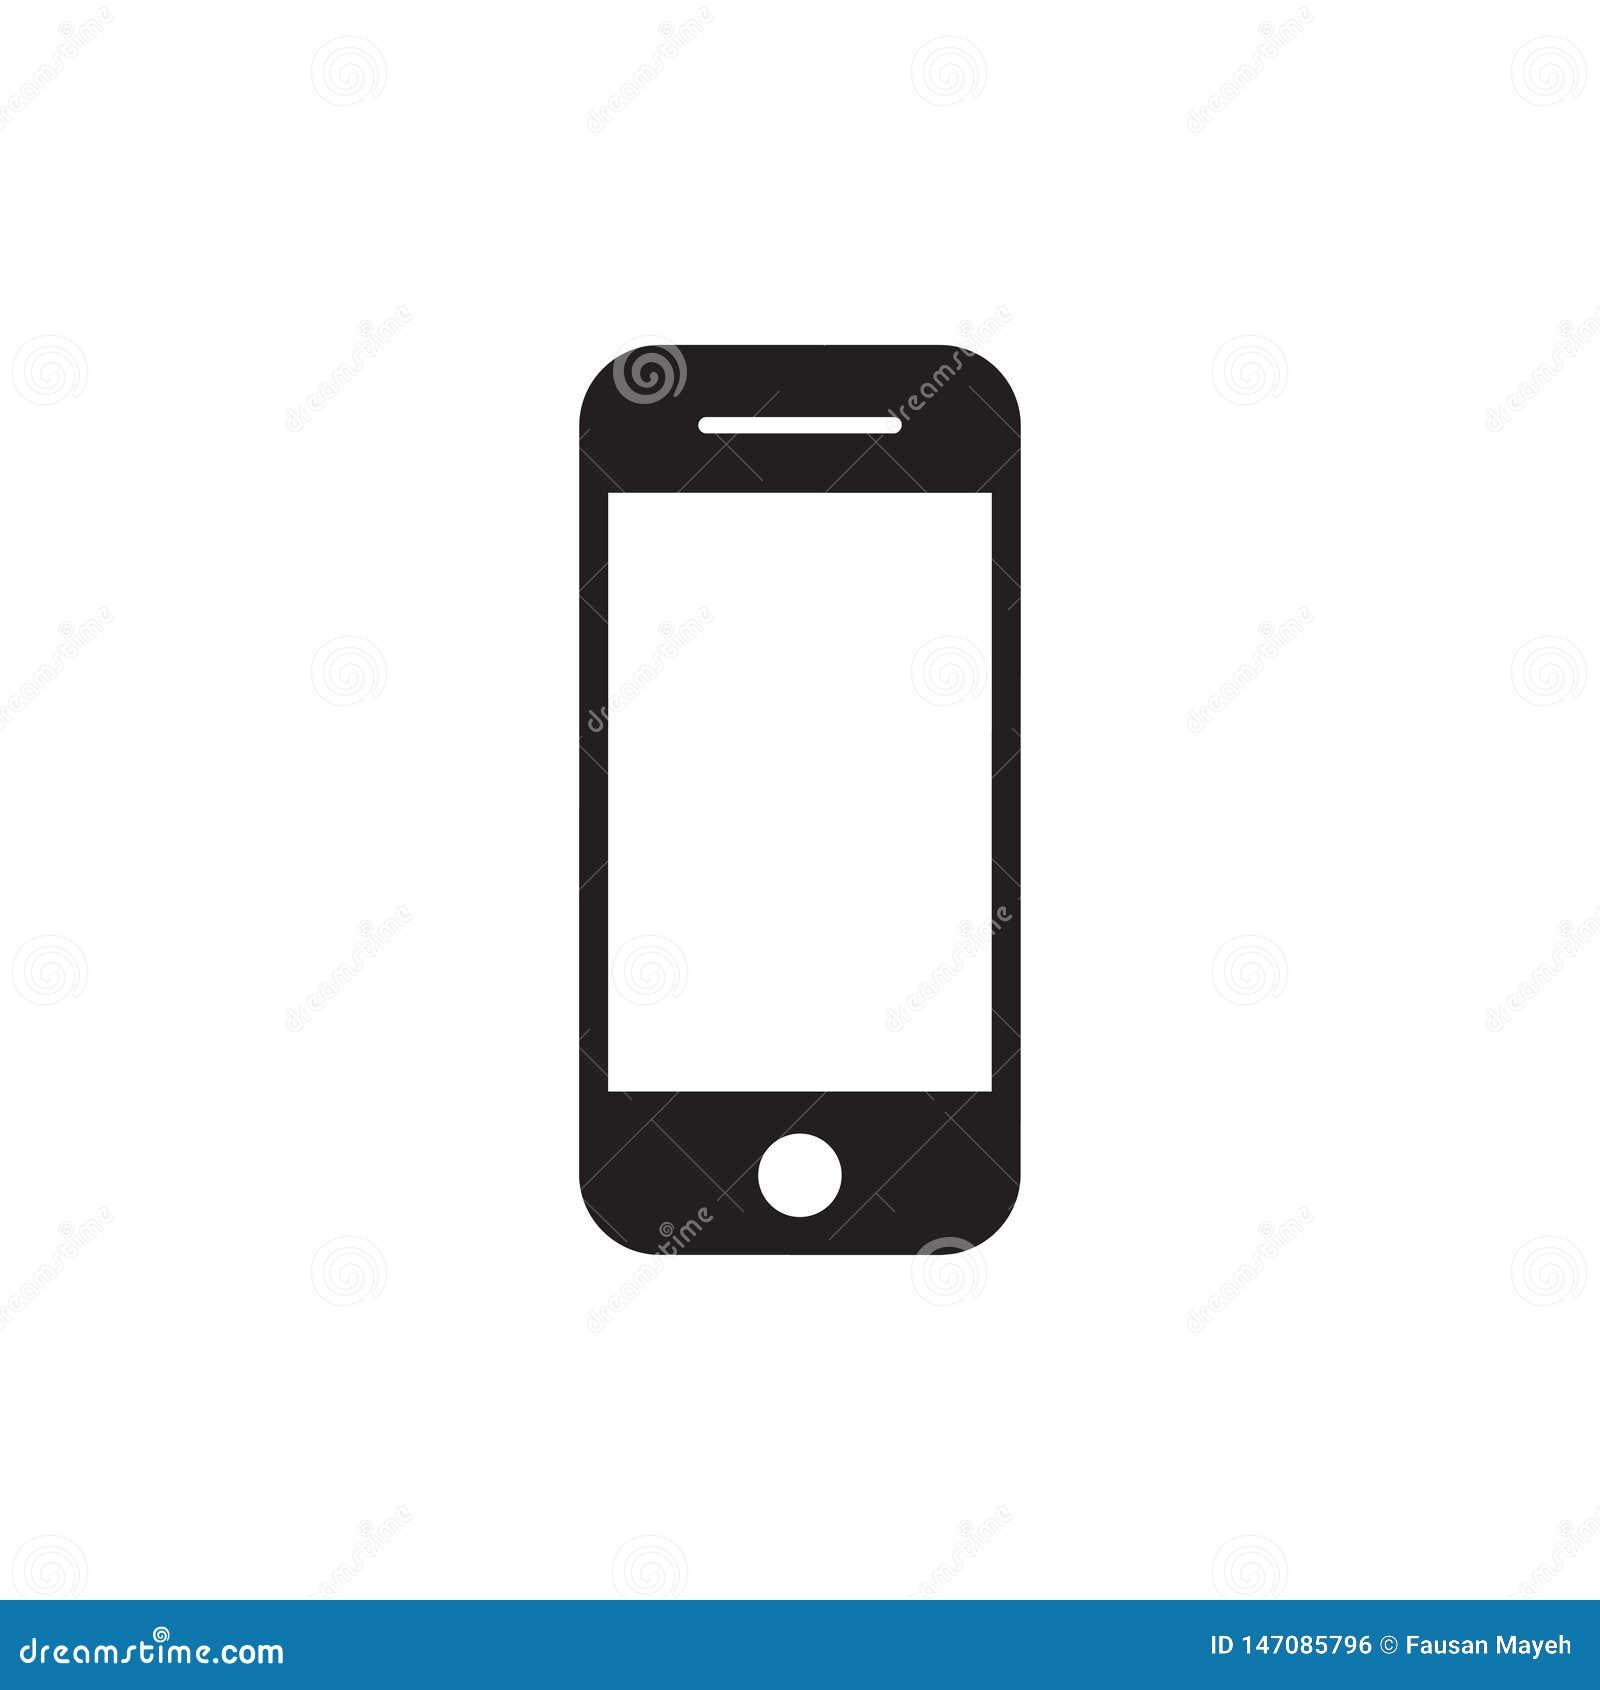 E Artilugio del dispositivo del smartphone del tel?fono m?vil en estilo del iphone en el fondo blanco